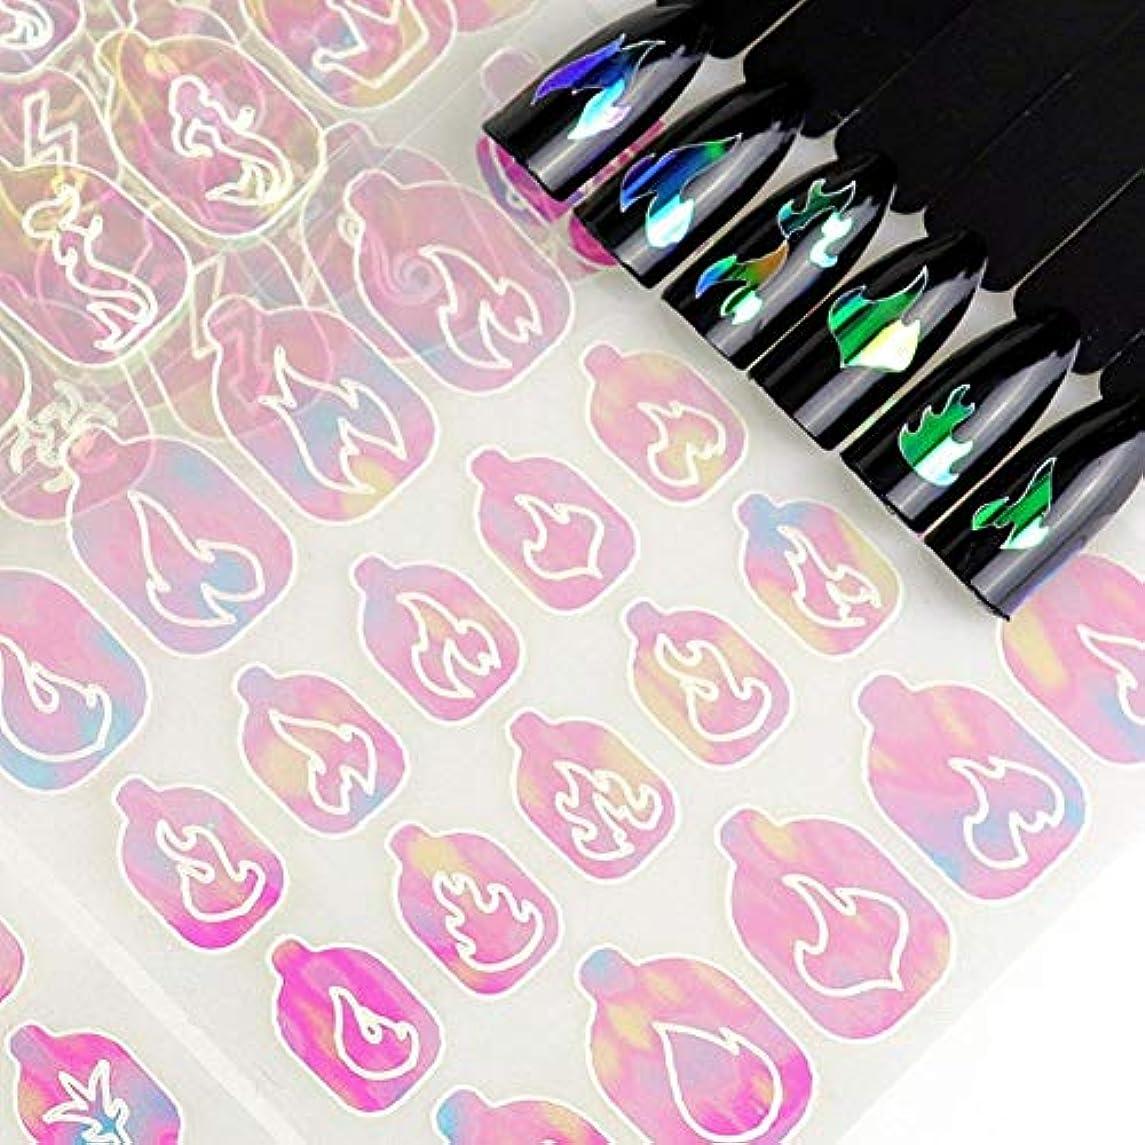 男らしさベット出版ネイルアートネイルのための多色3Dネイルのヒントアートステンシル中空ステッカー